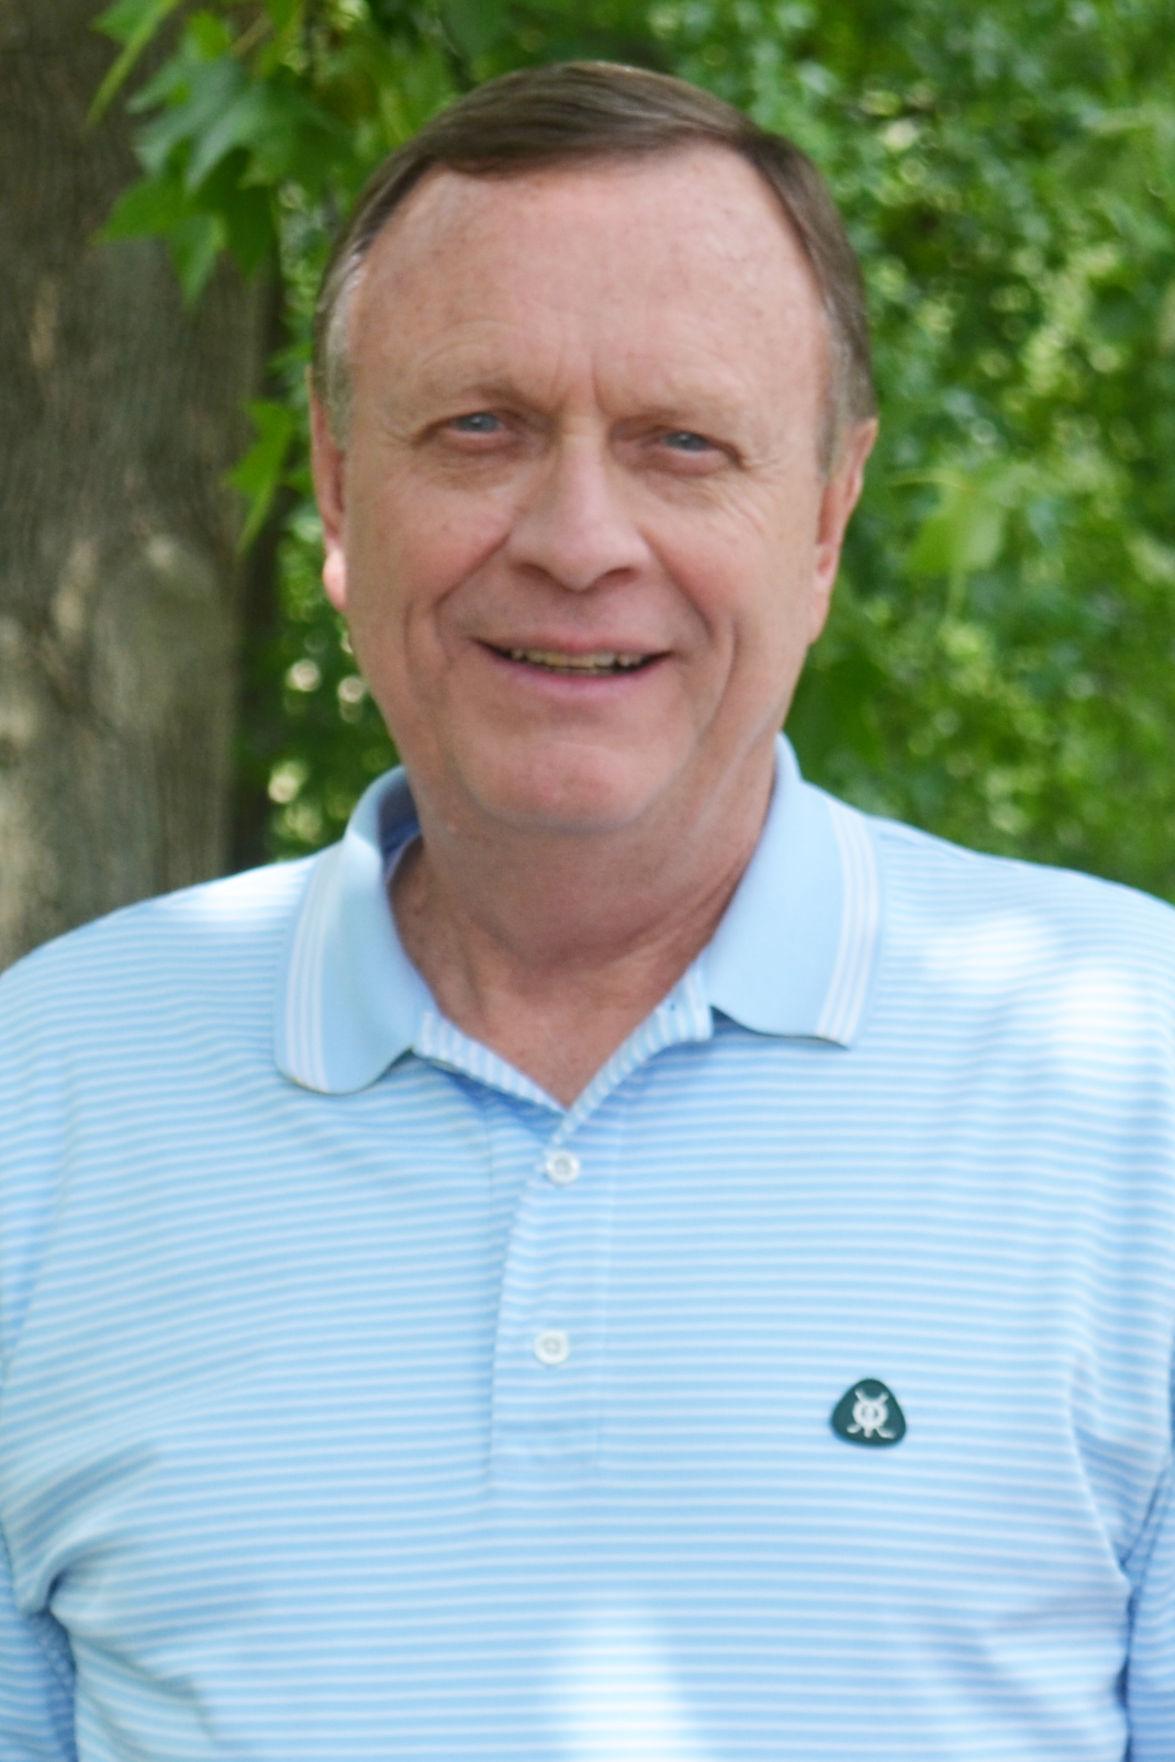 Bill Clevenger